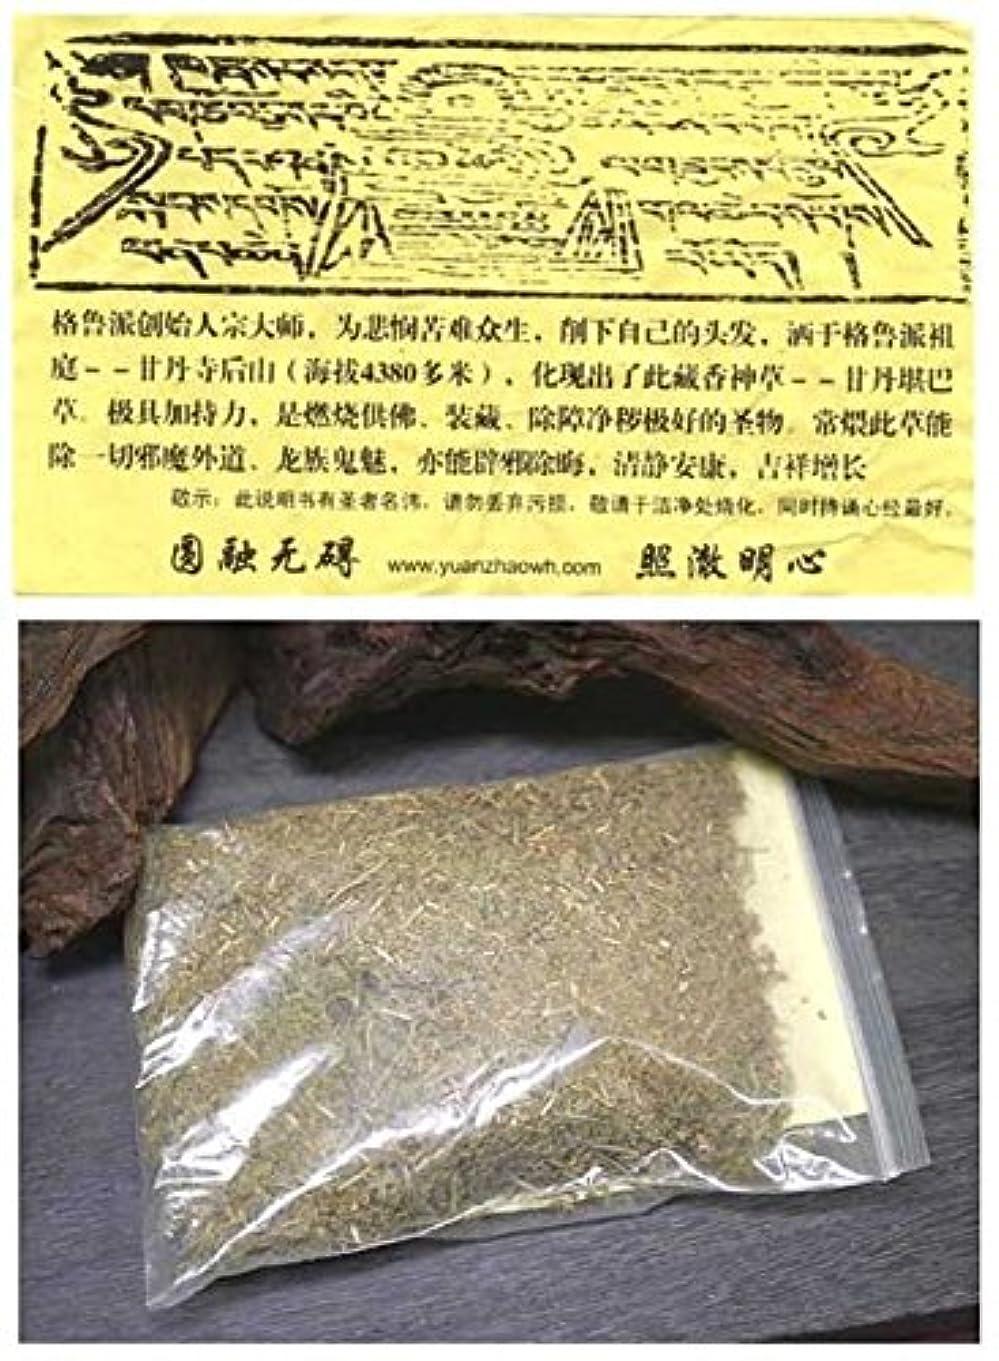 パドル急行する格納照文化 チベットのガンデン寺近くで採取される神草のお香【甘丹堪巴草】 照文化